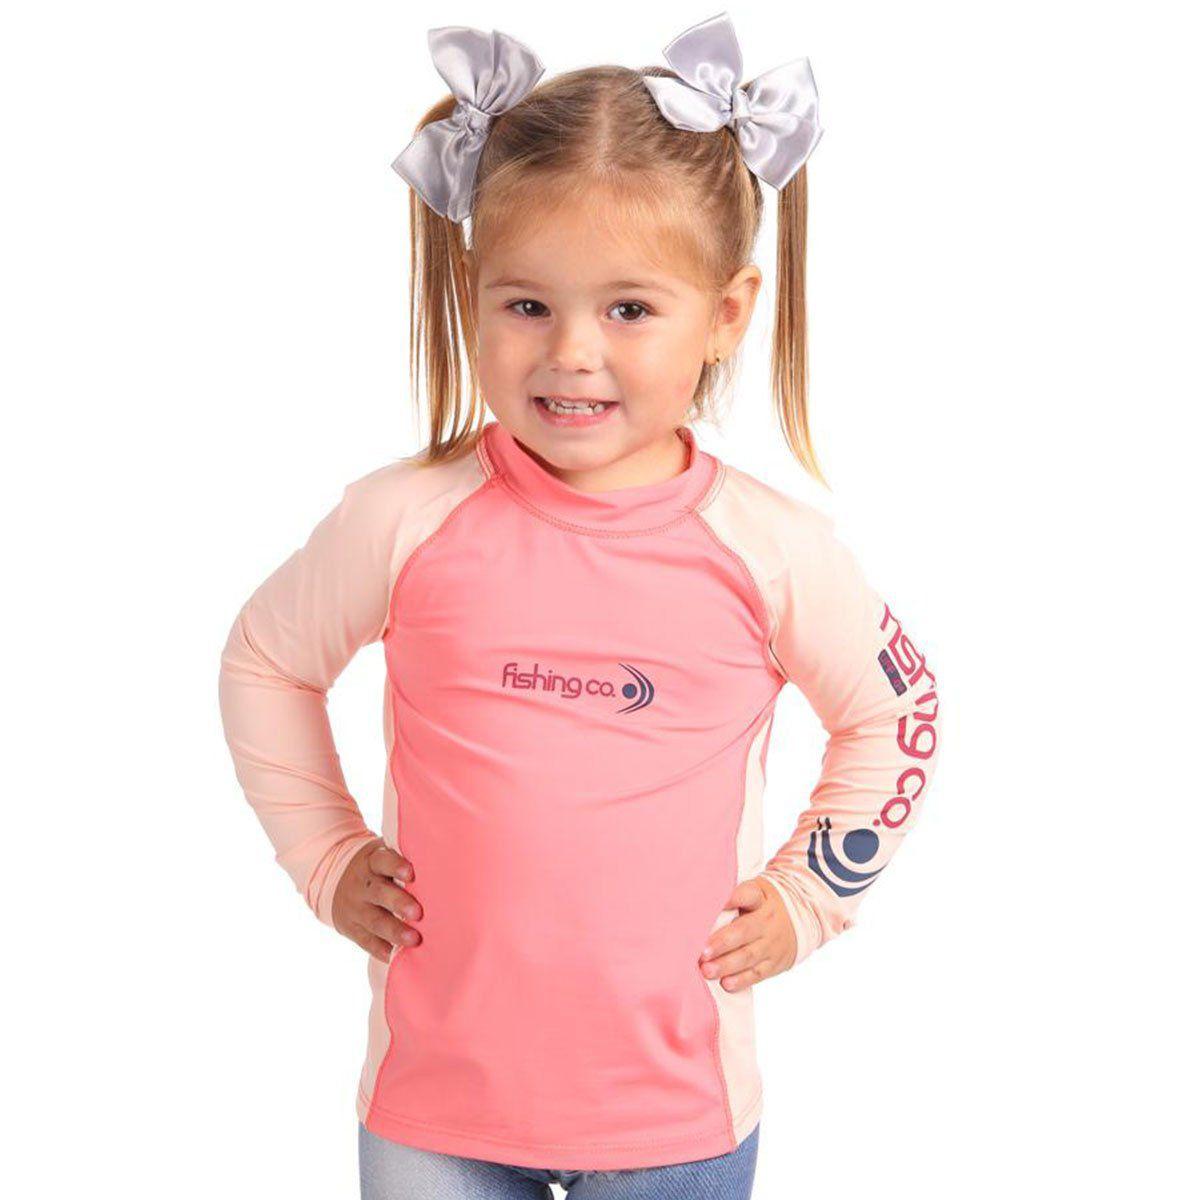 Camiseta Infantil Fishing Co Recorte Eletric e Tule